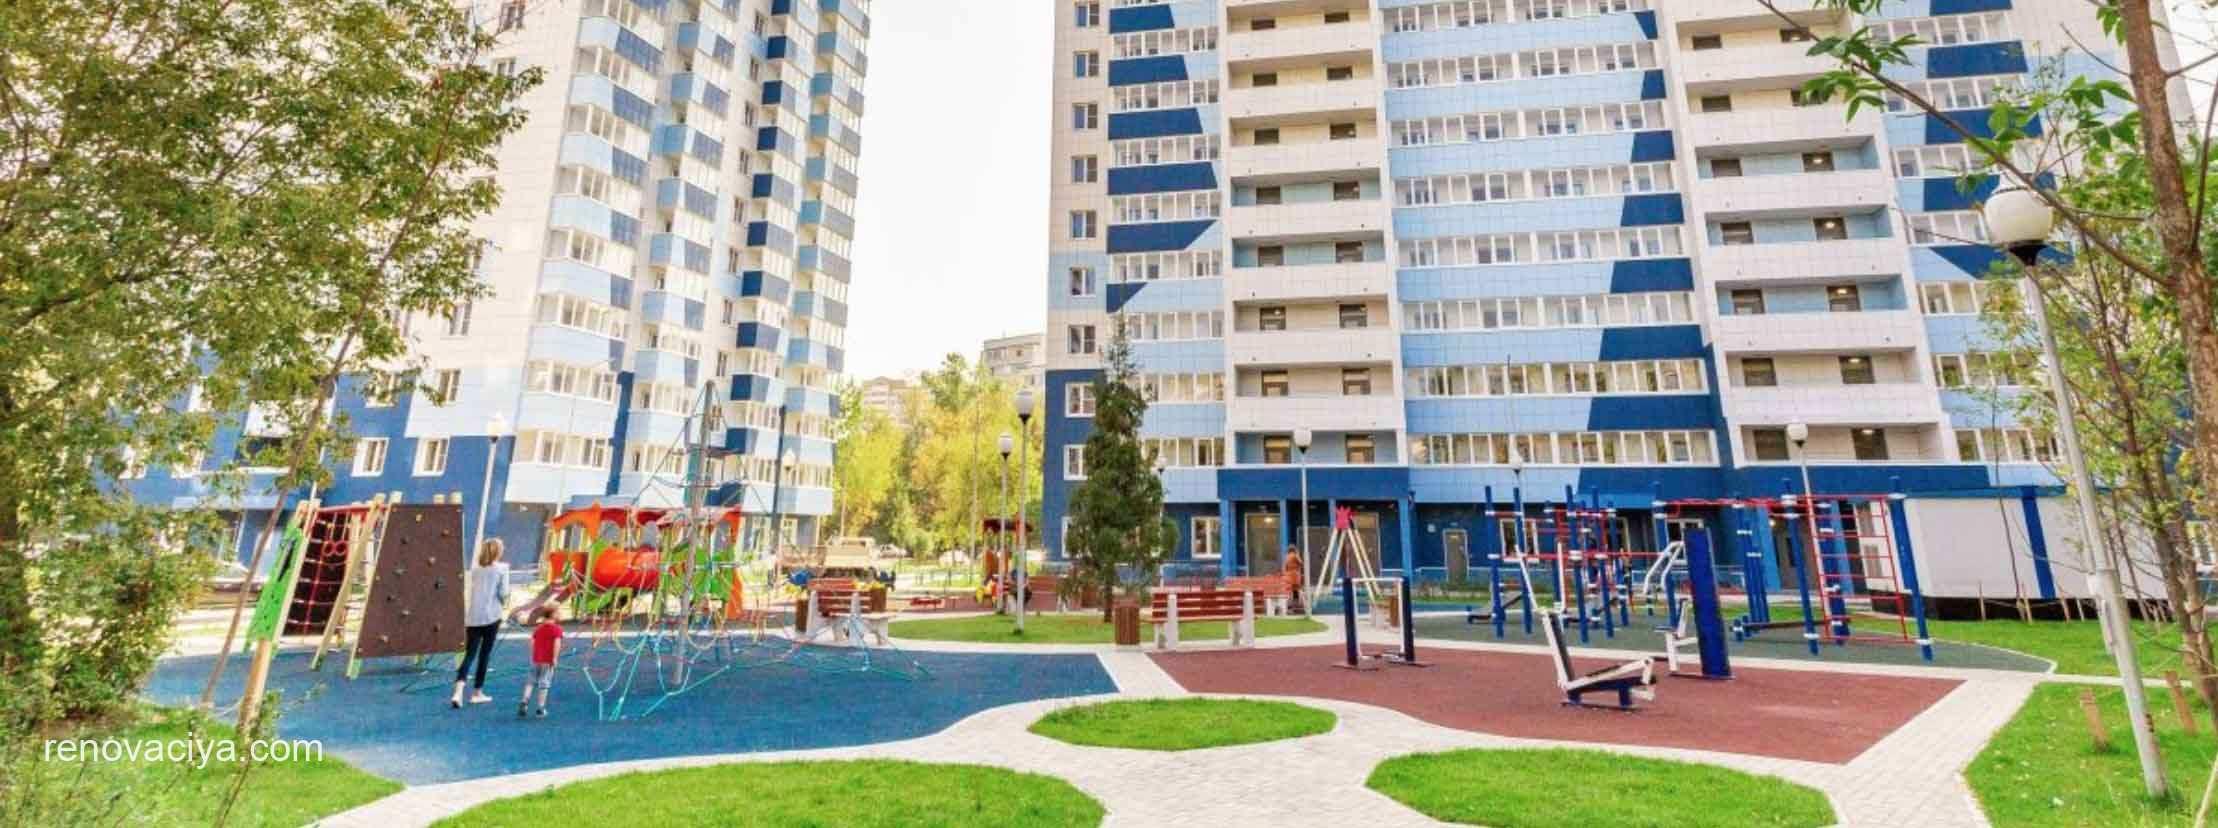 Жители двух домов смогут досрочно переехать